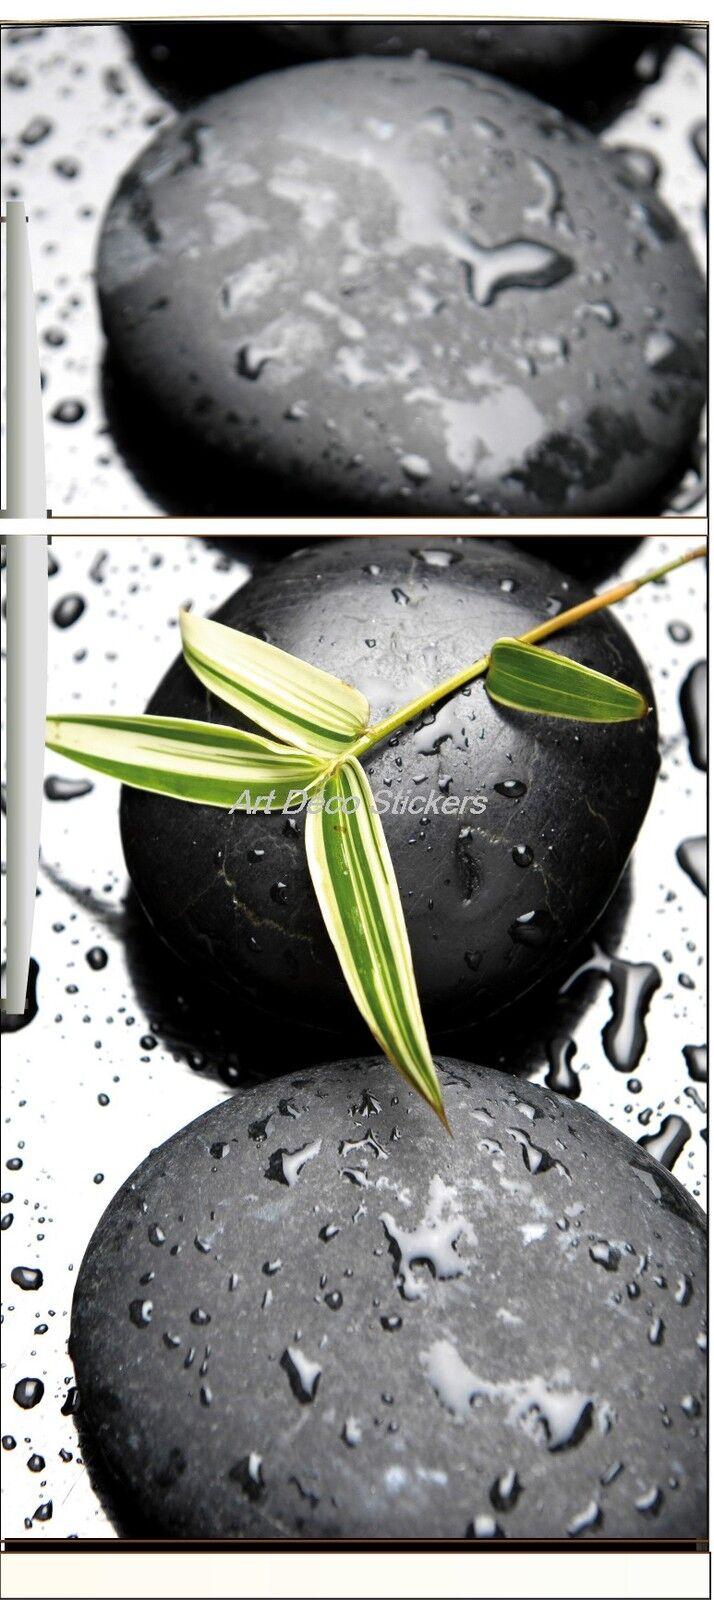 Adesivo Frigo Elettrodomestici Decocrazione Cucina Sassi Foglia 70x170cm Ref 568